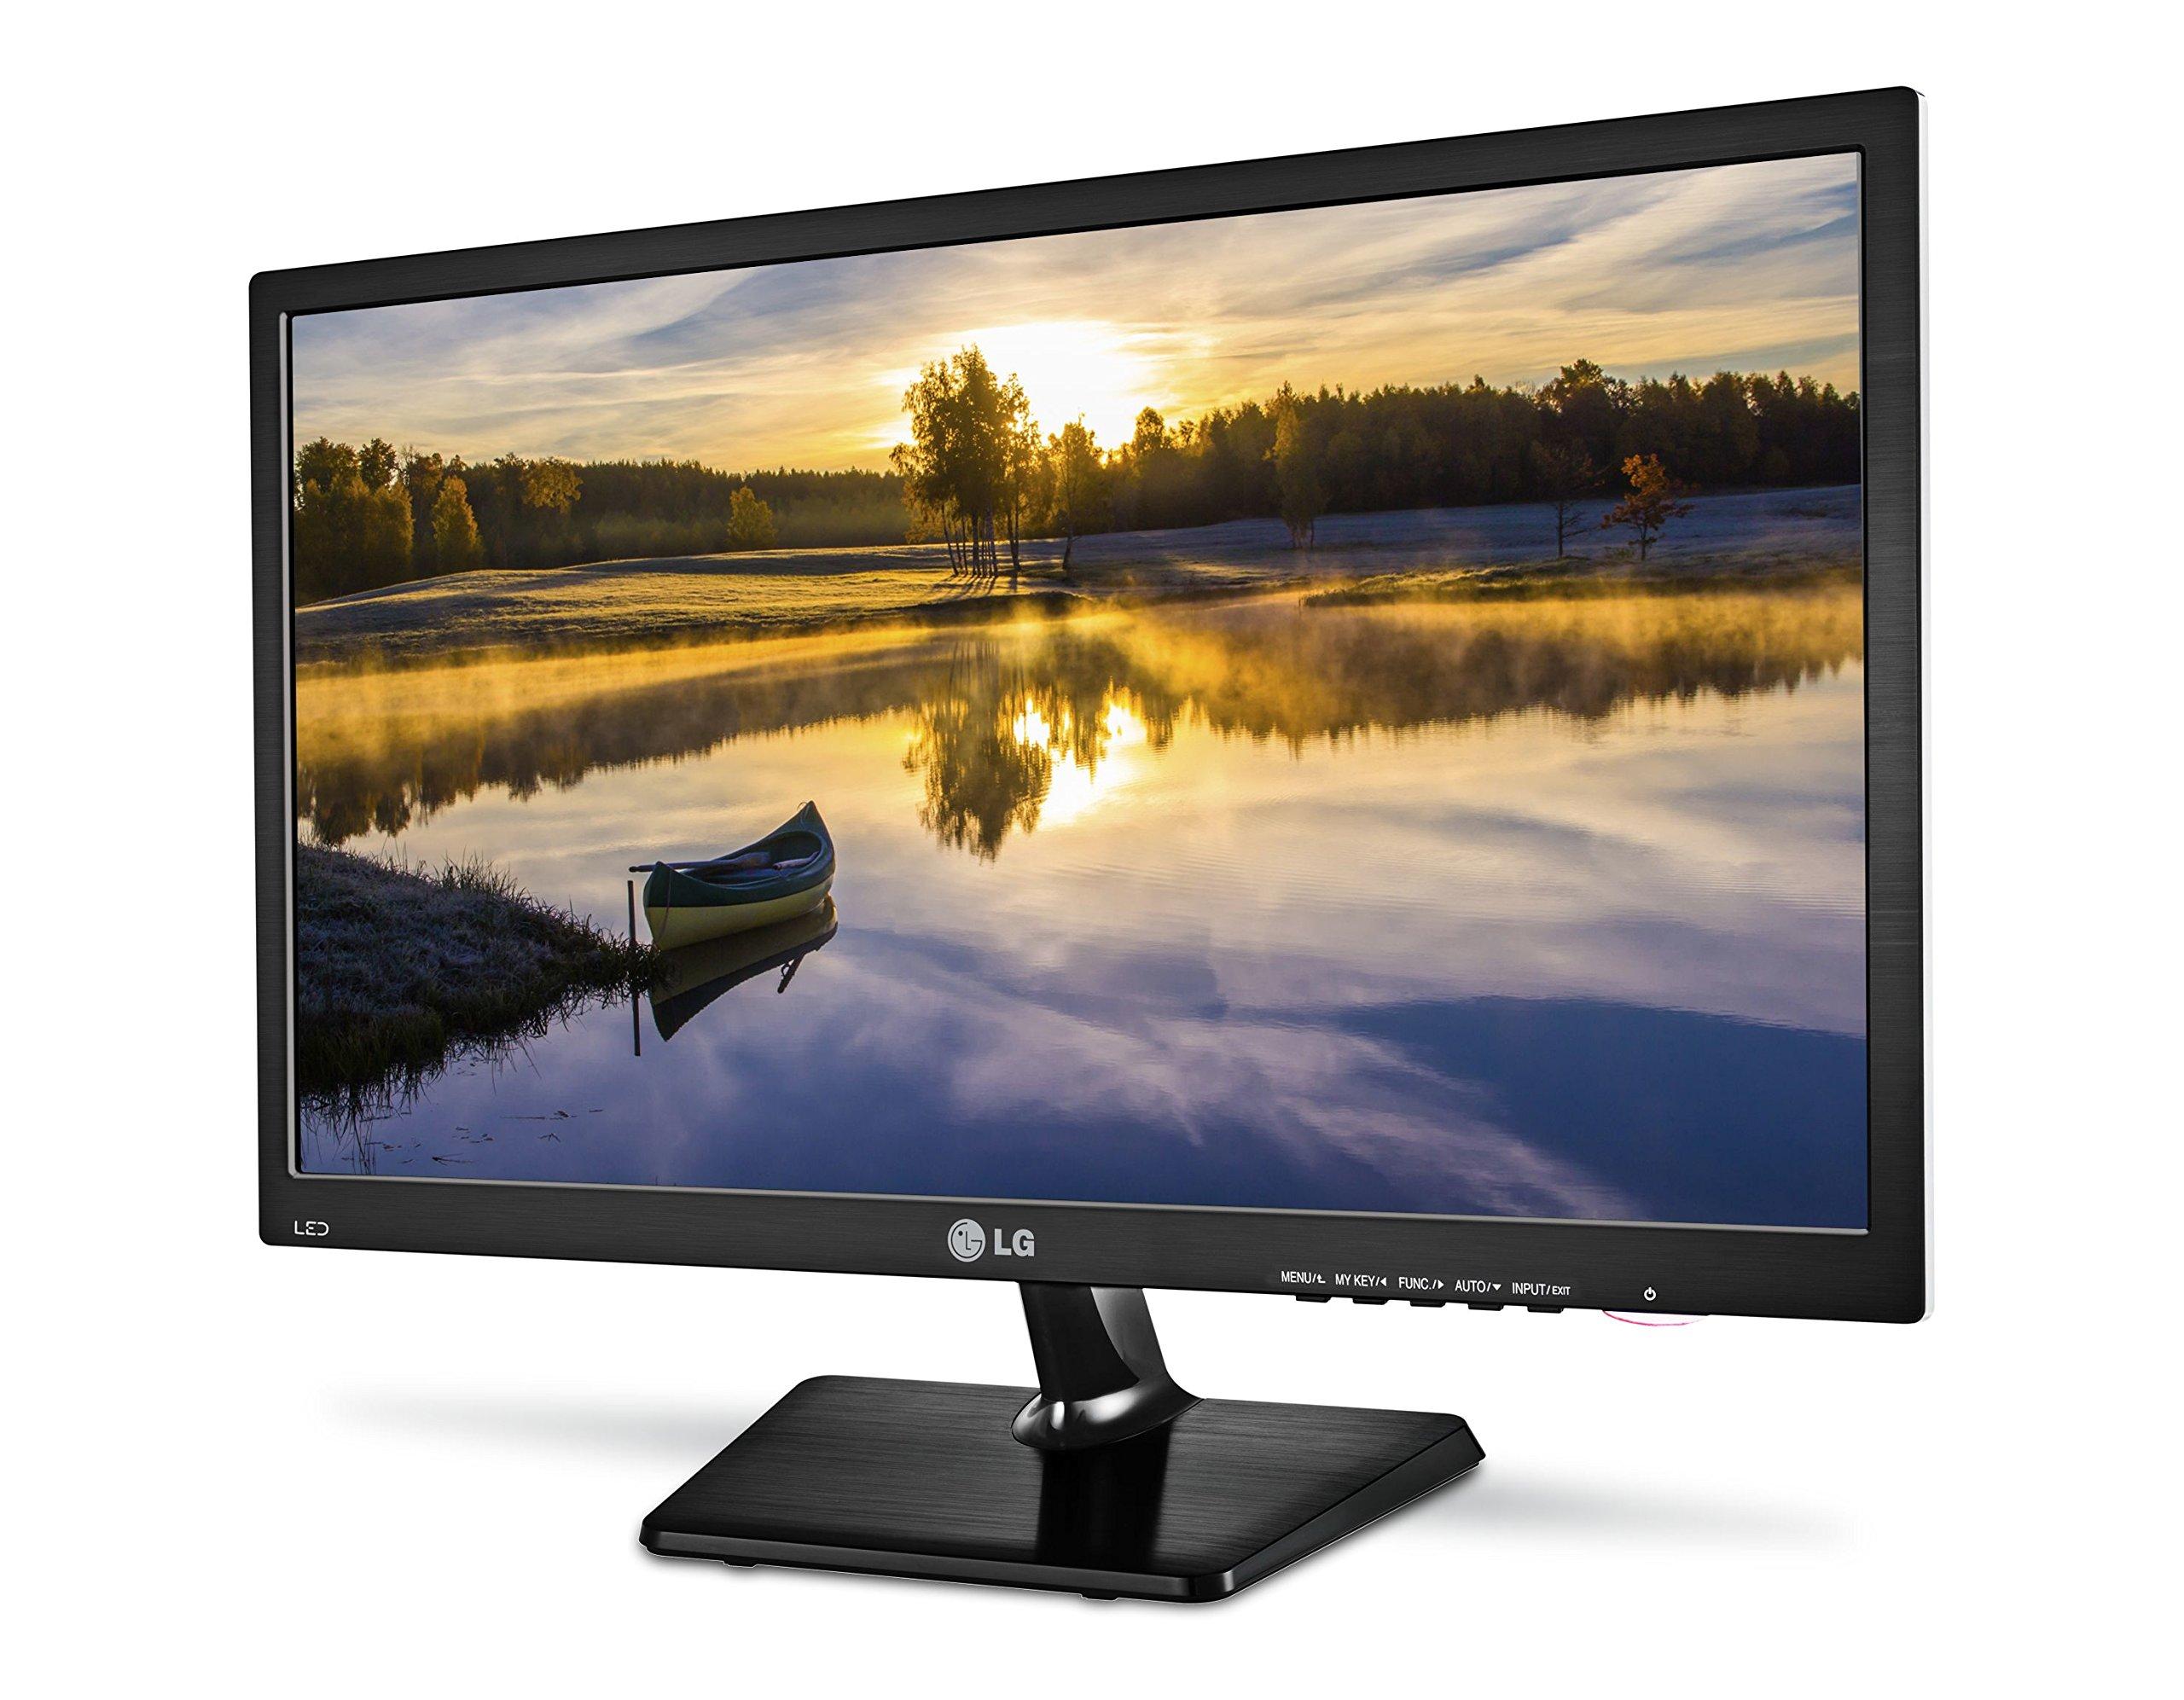 LG Electronics 20M37D-B 20-Inch Screen LED-Lit Monitor